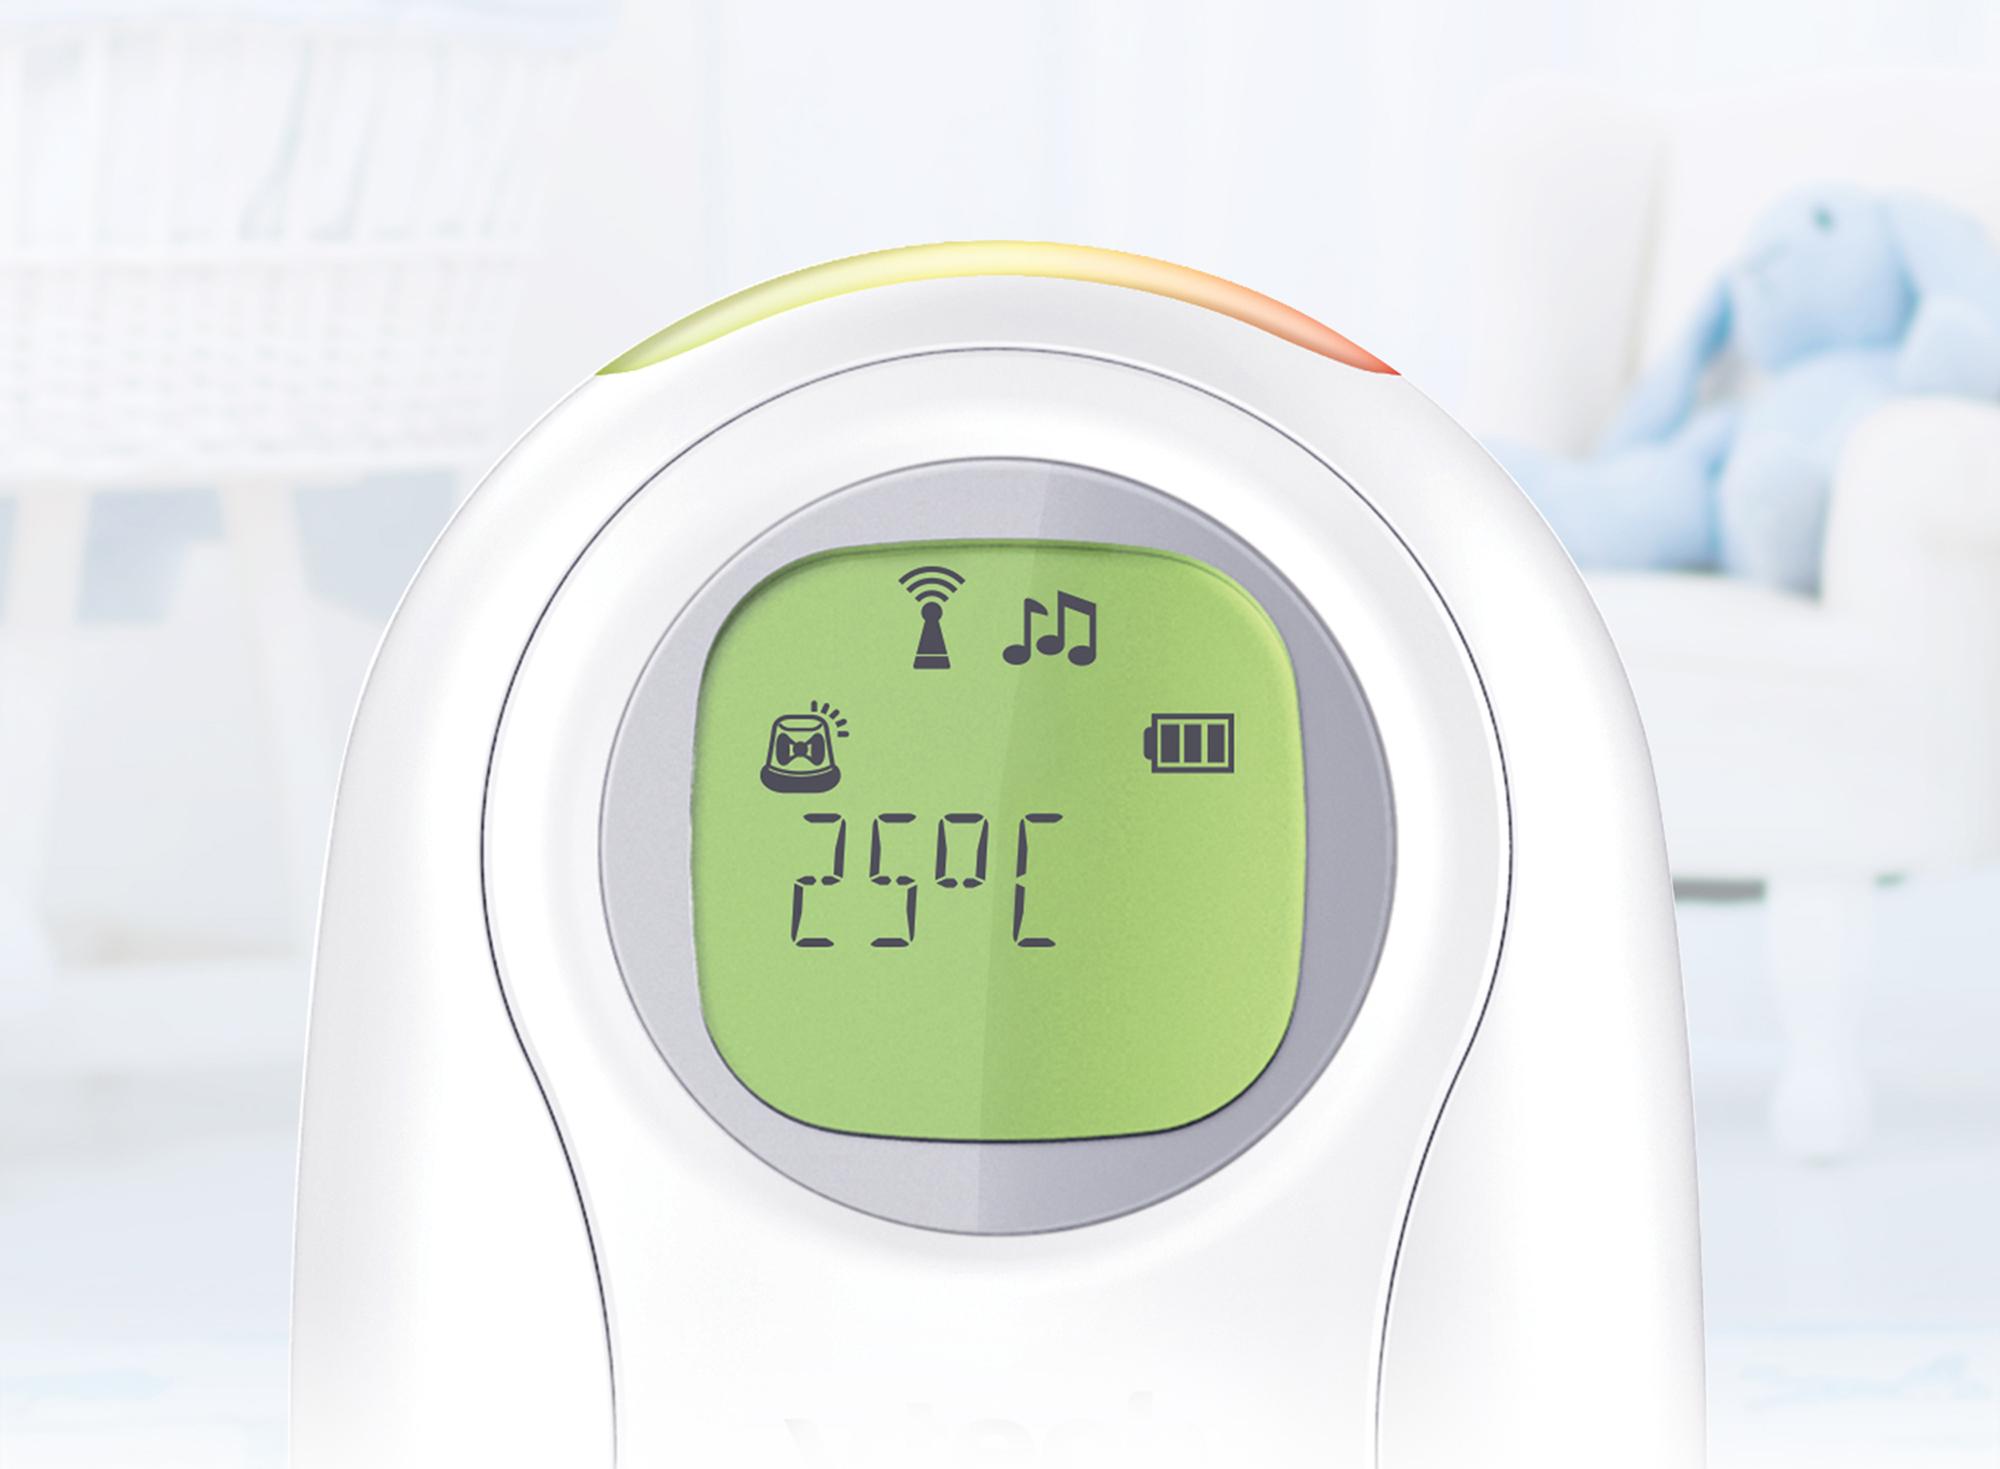 Niania elektroniczna audio VTech DM1214 Funkcje alarm przekroczenia zasięgu lampka termometr wskaźnik poziomu baterii